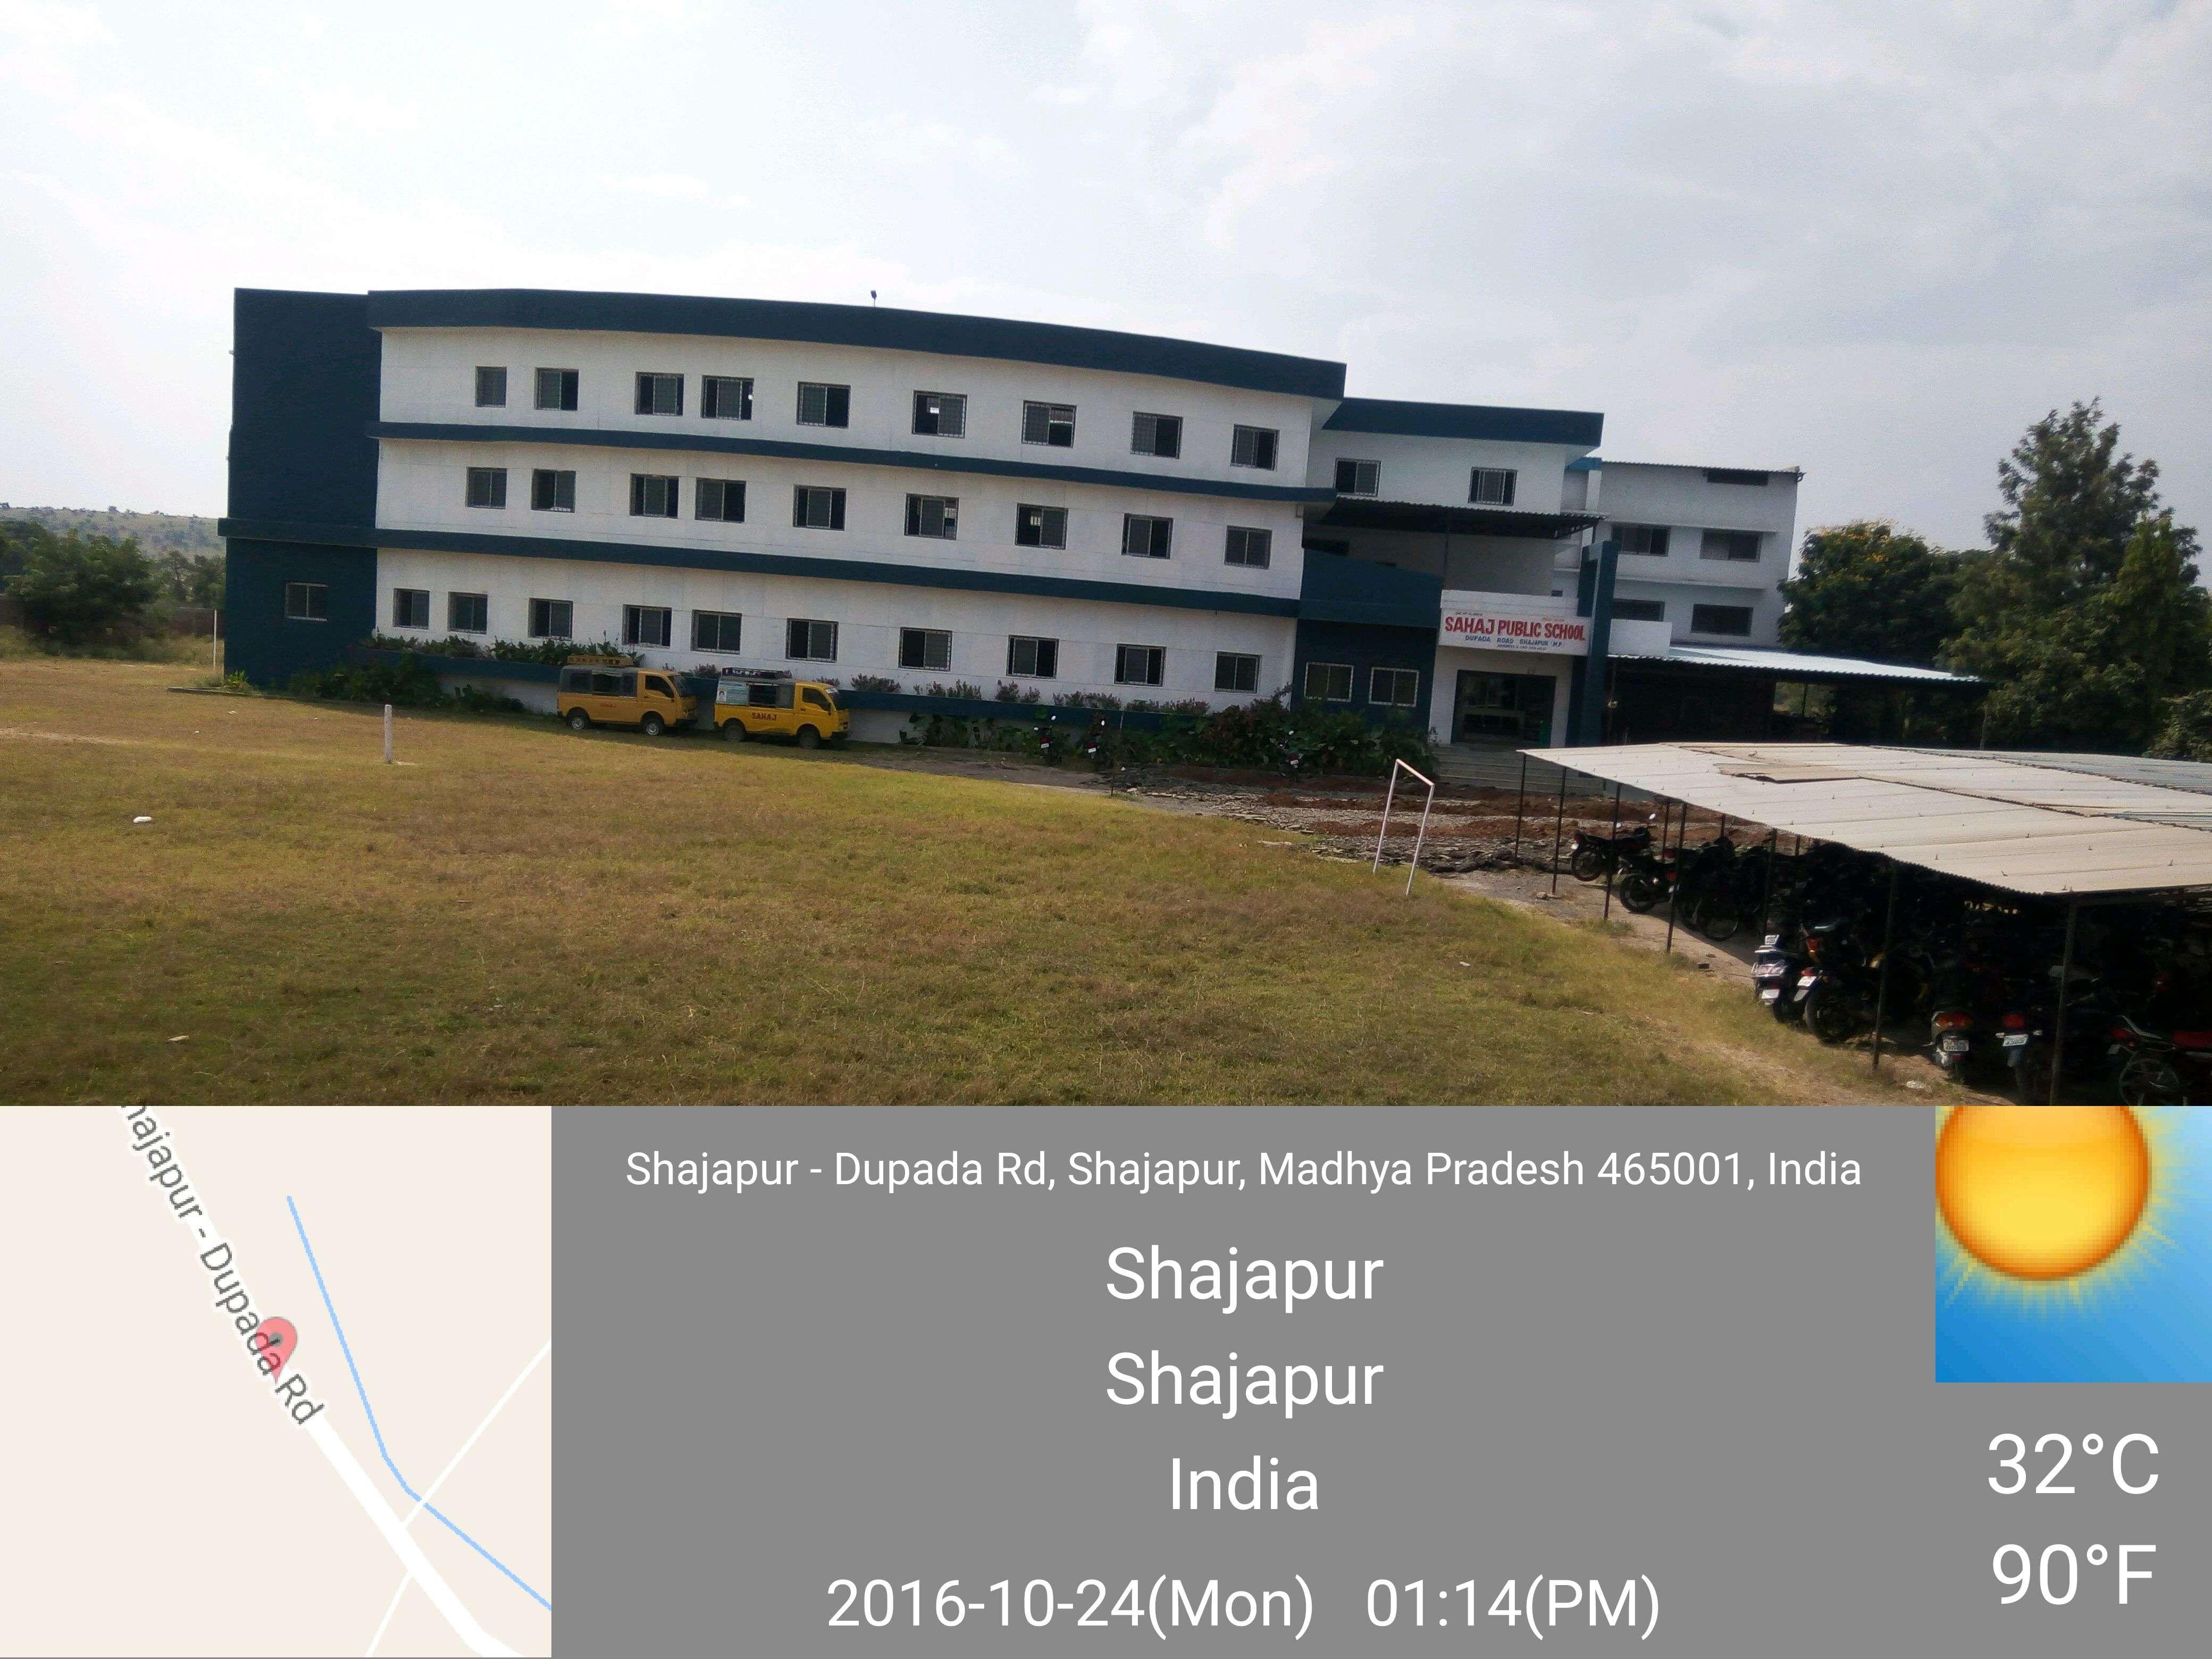 SAHAJ PUBLIC SCHOOL Dupada Road Village Girvar Shajapur MP 1030486